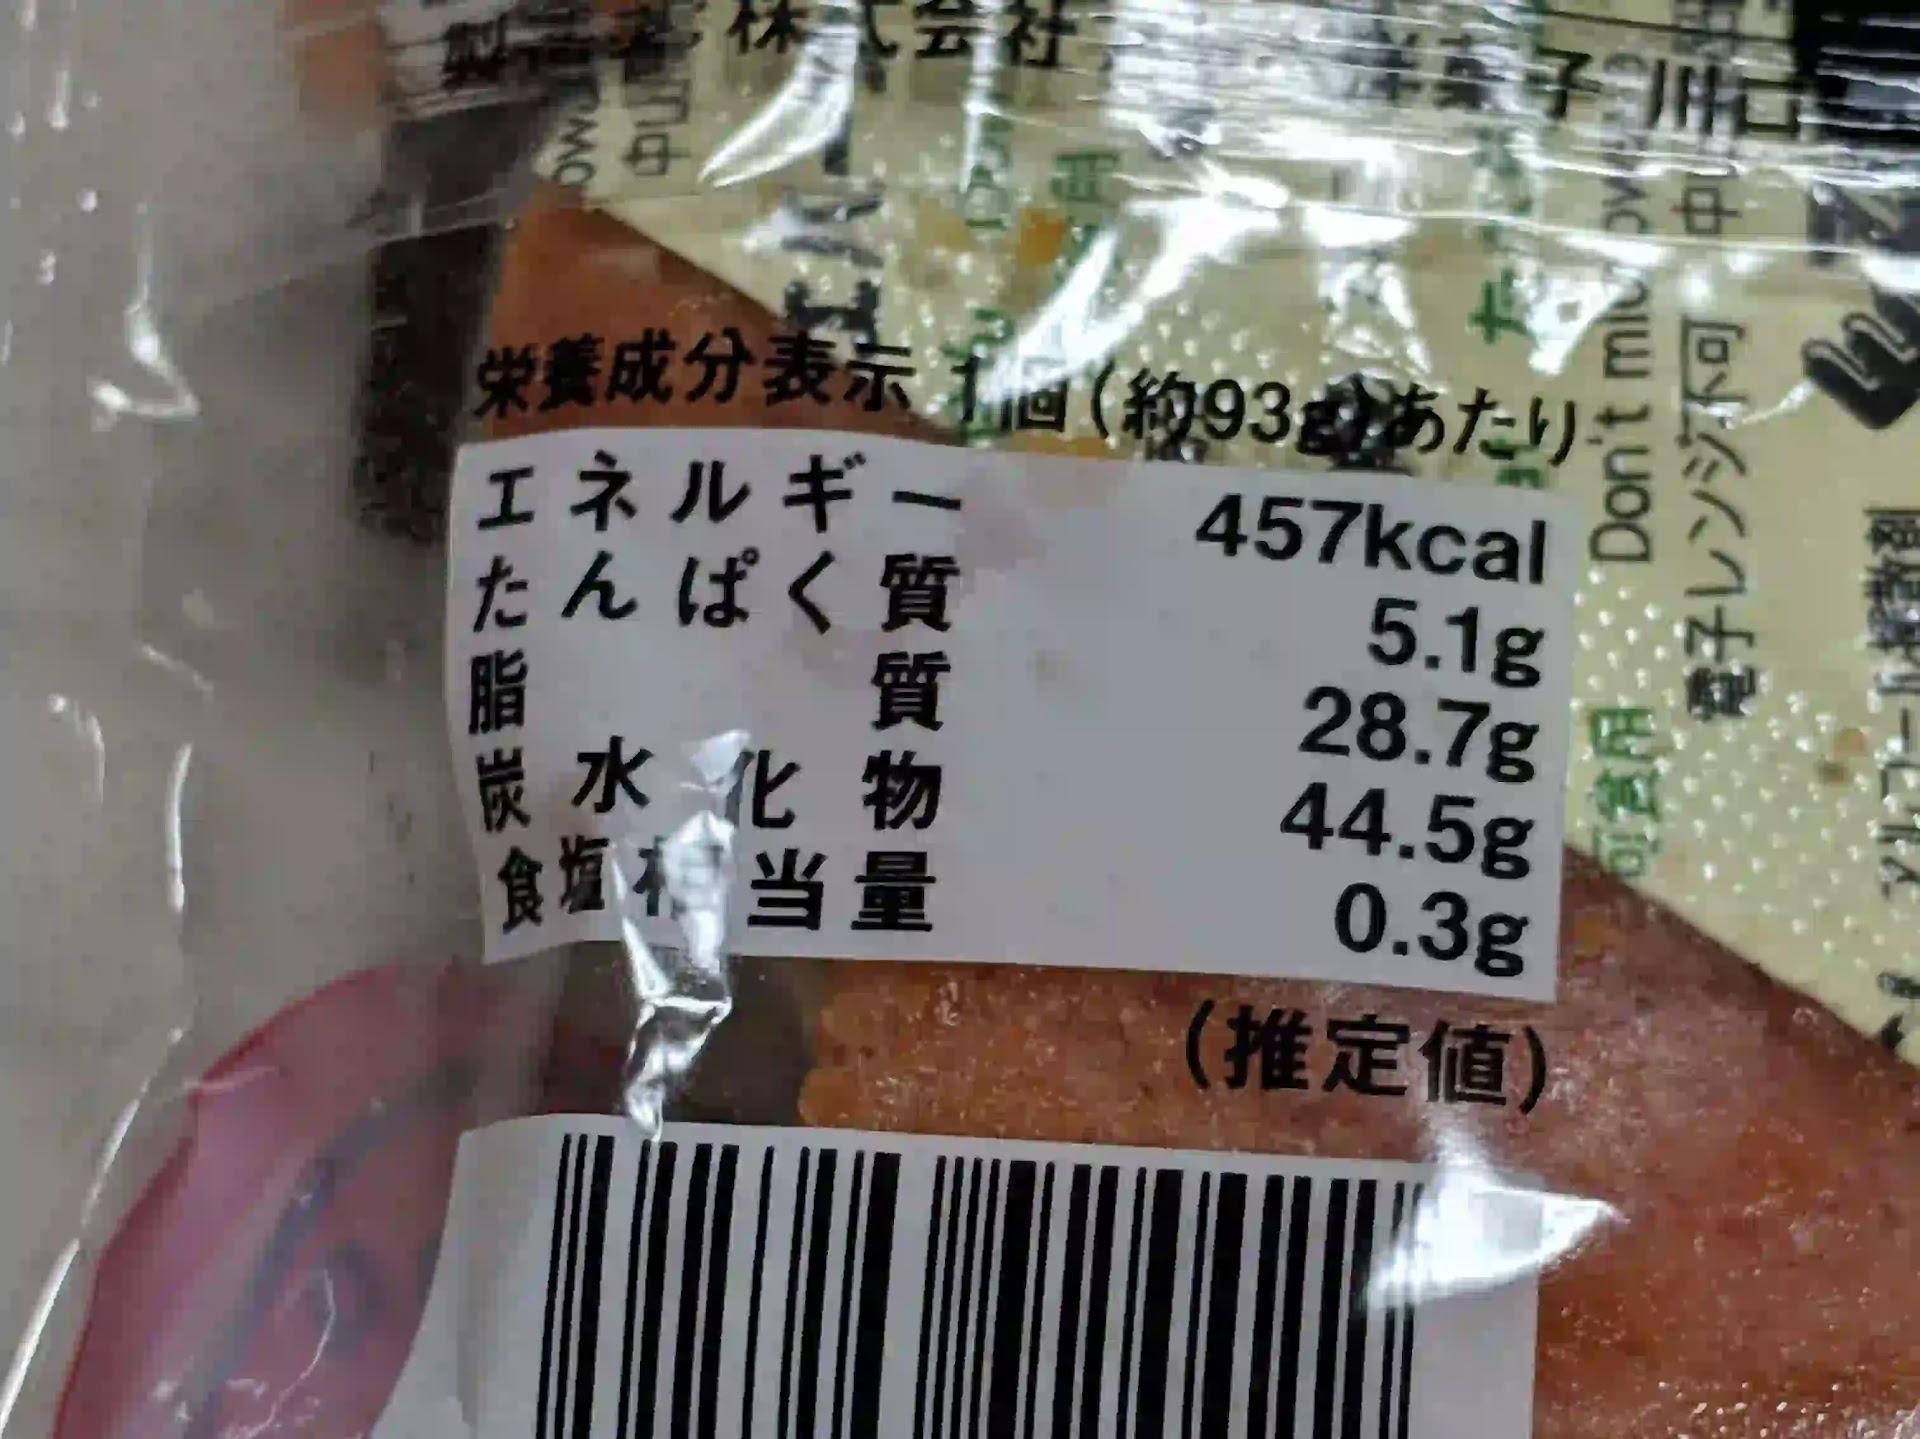 カルディ いちごリングケーキ 栄養成分表示